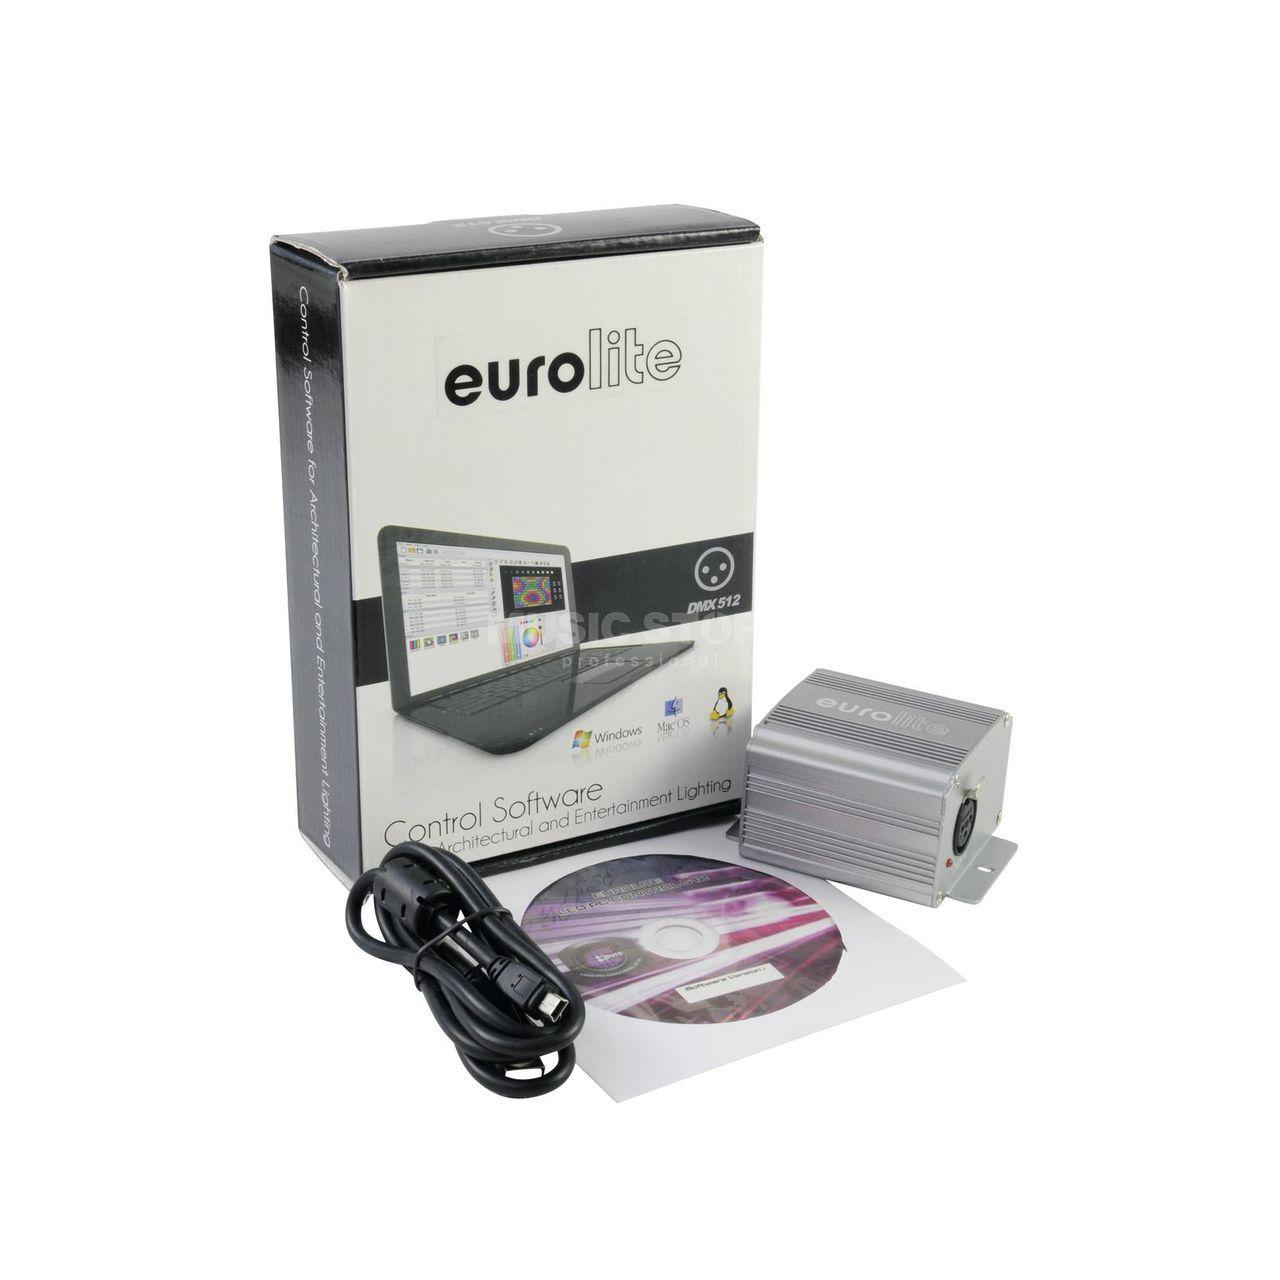 Eurolite LED PC-Control 512 DMX-Software/Interface 512 Ch  | MUSIC STORE  professional | en-DE